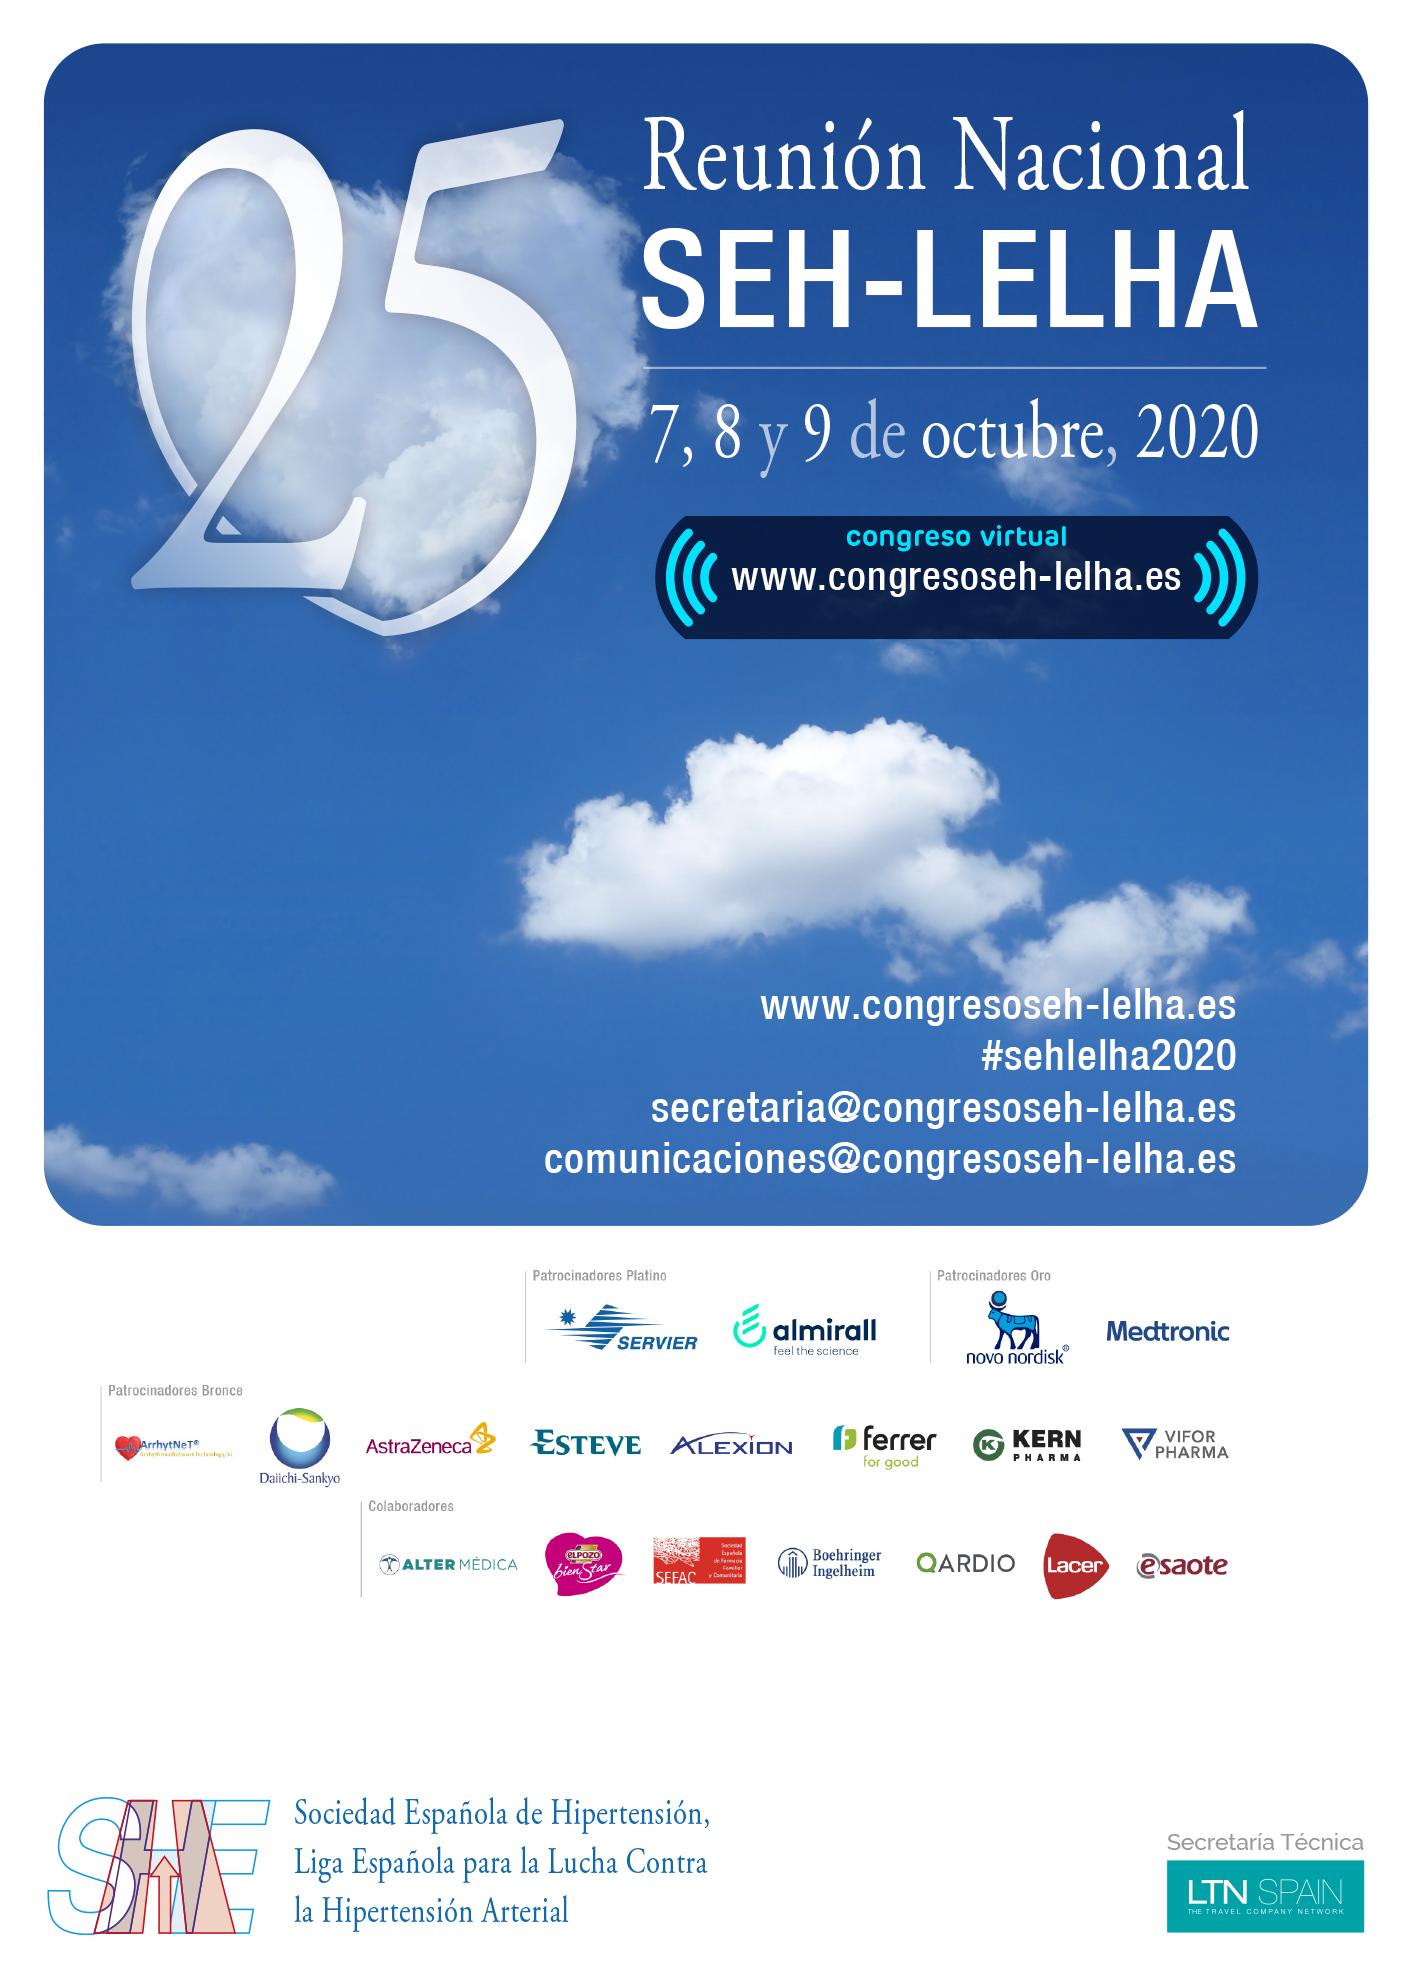 25ª Reunión Nacional SEH-LELHA 2020